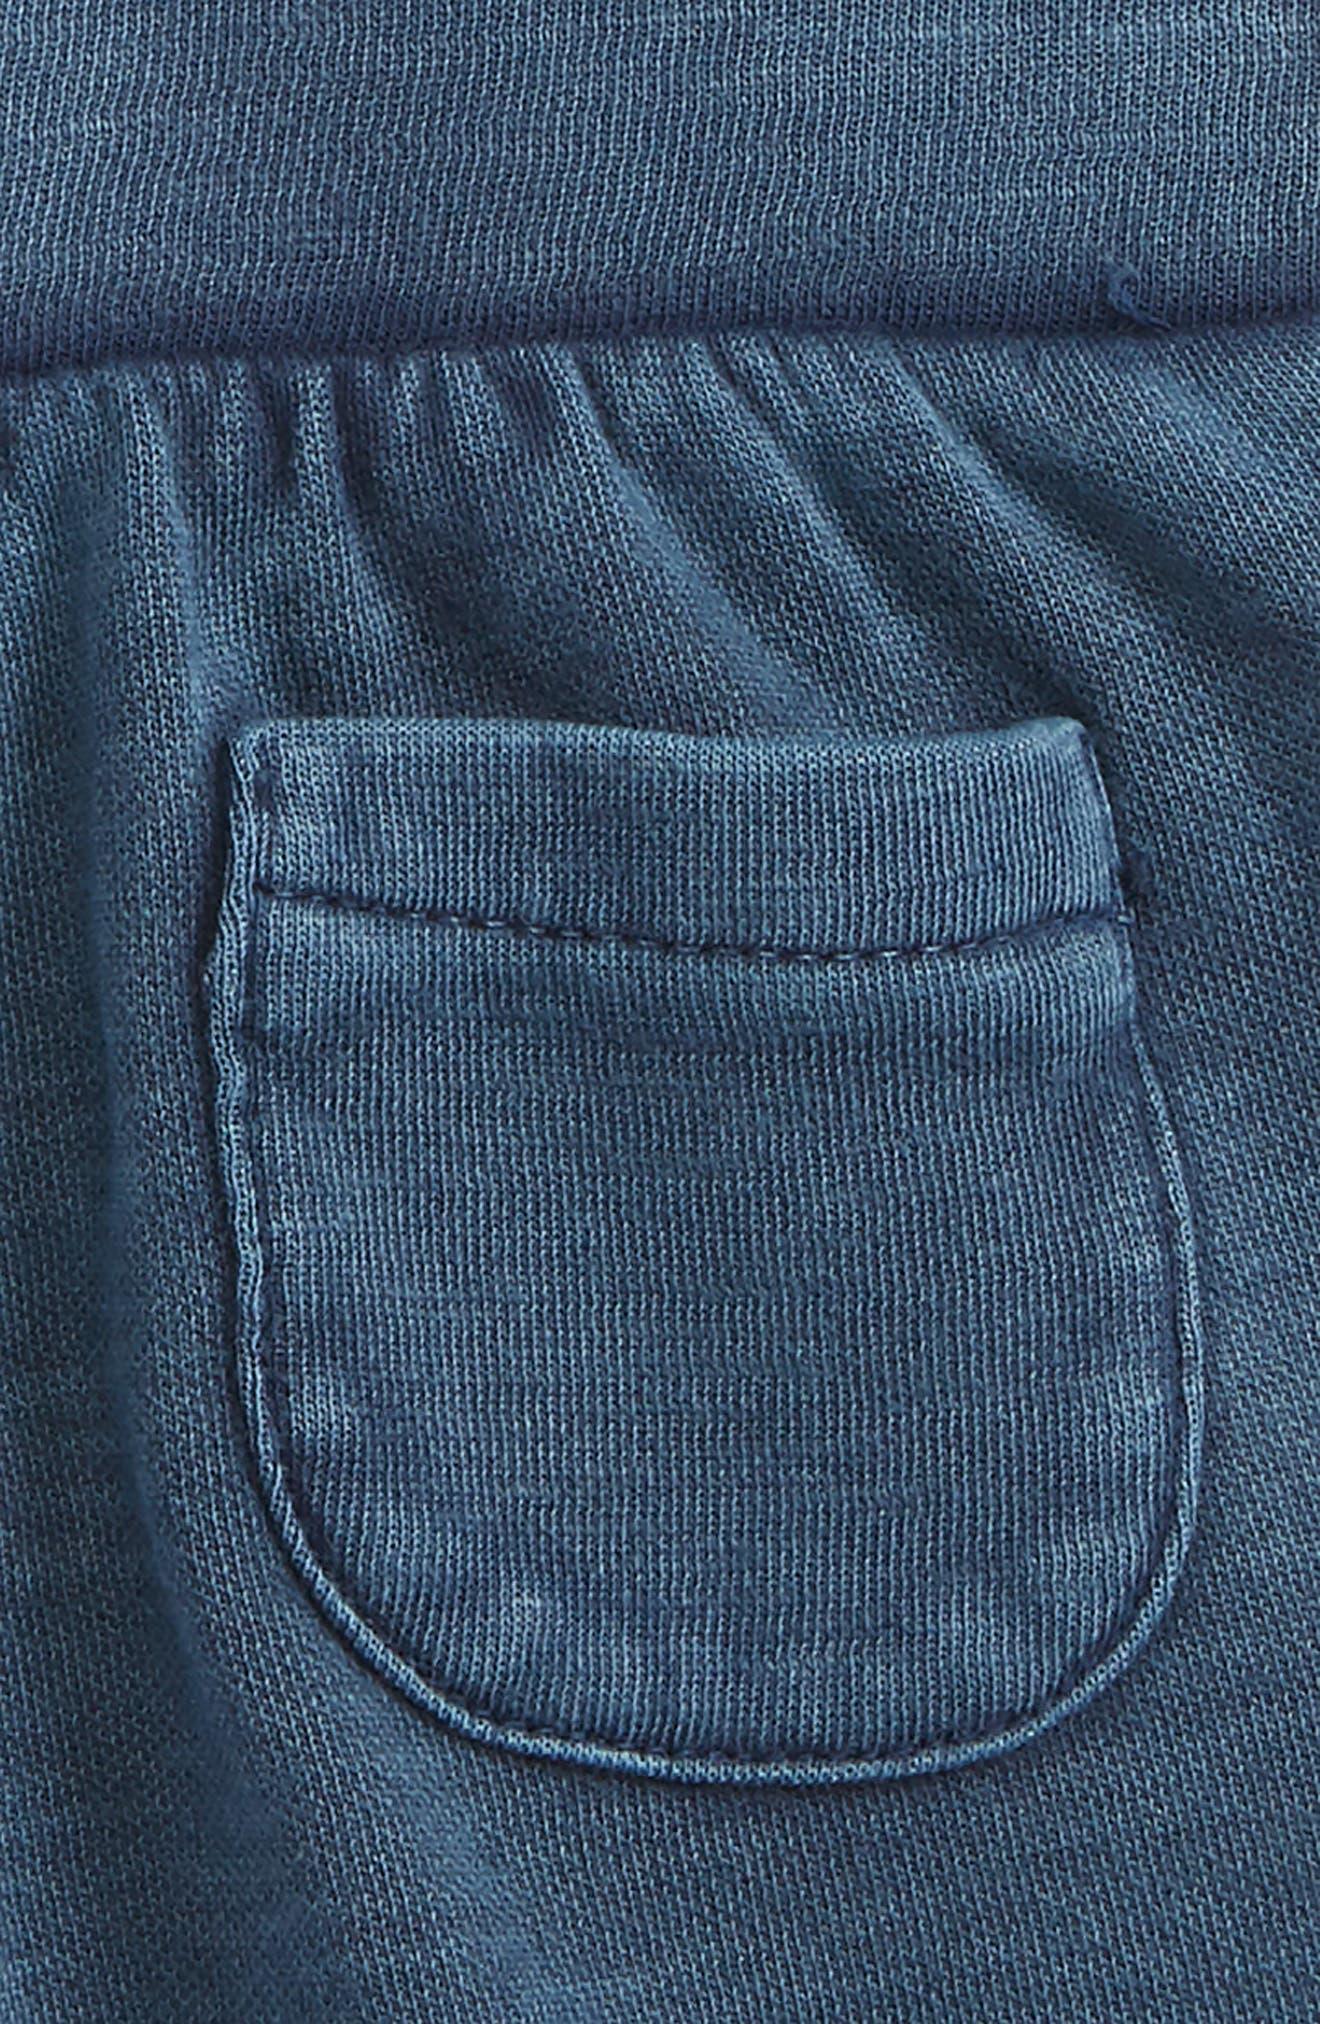 Knit Shorts,                             Alternate thumbnail 3, color,                             410